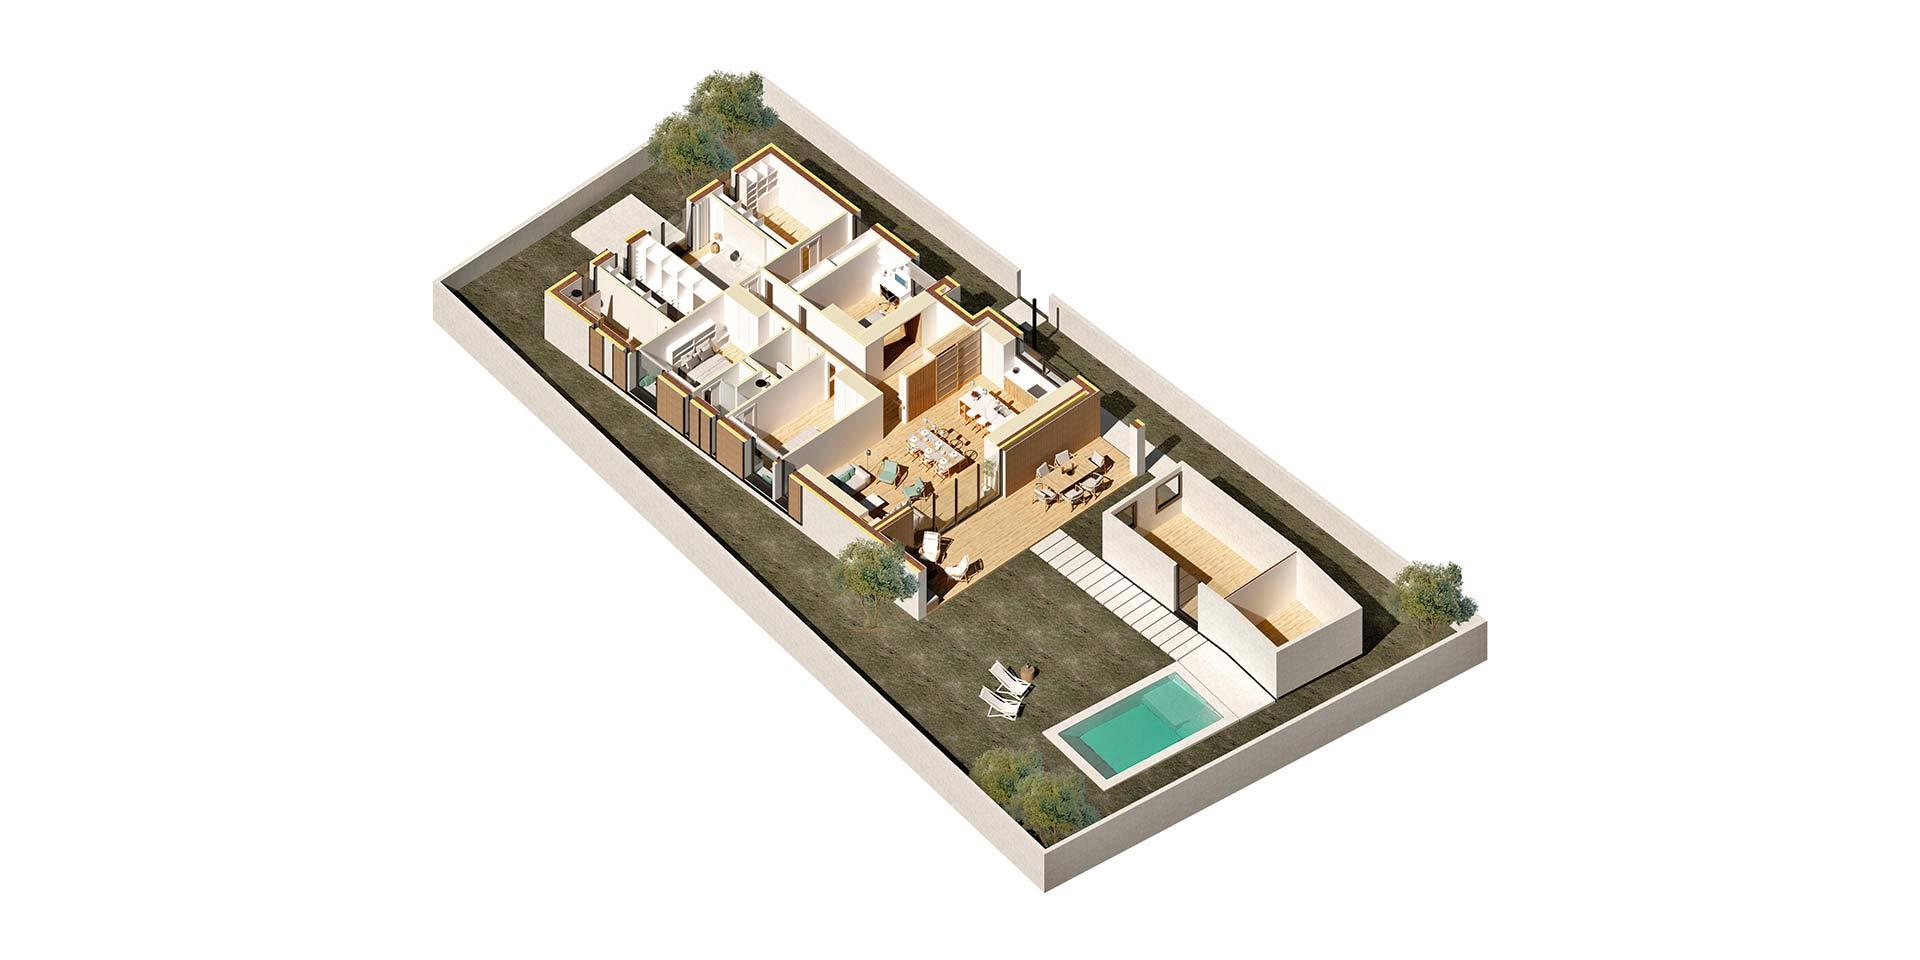 Casa-entre-olivos-13